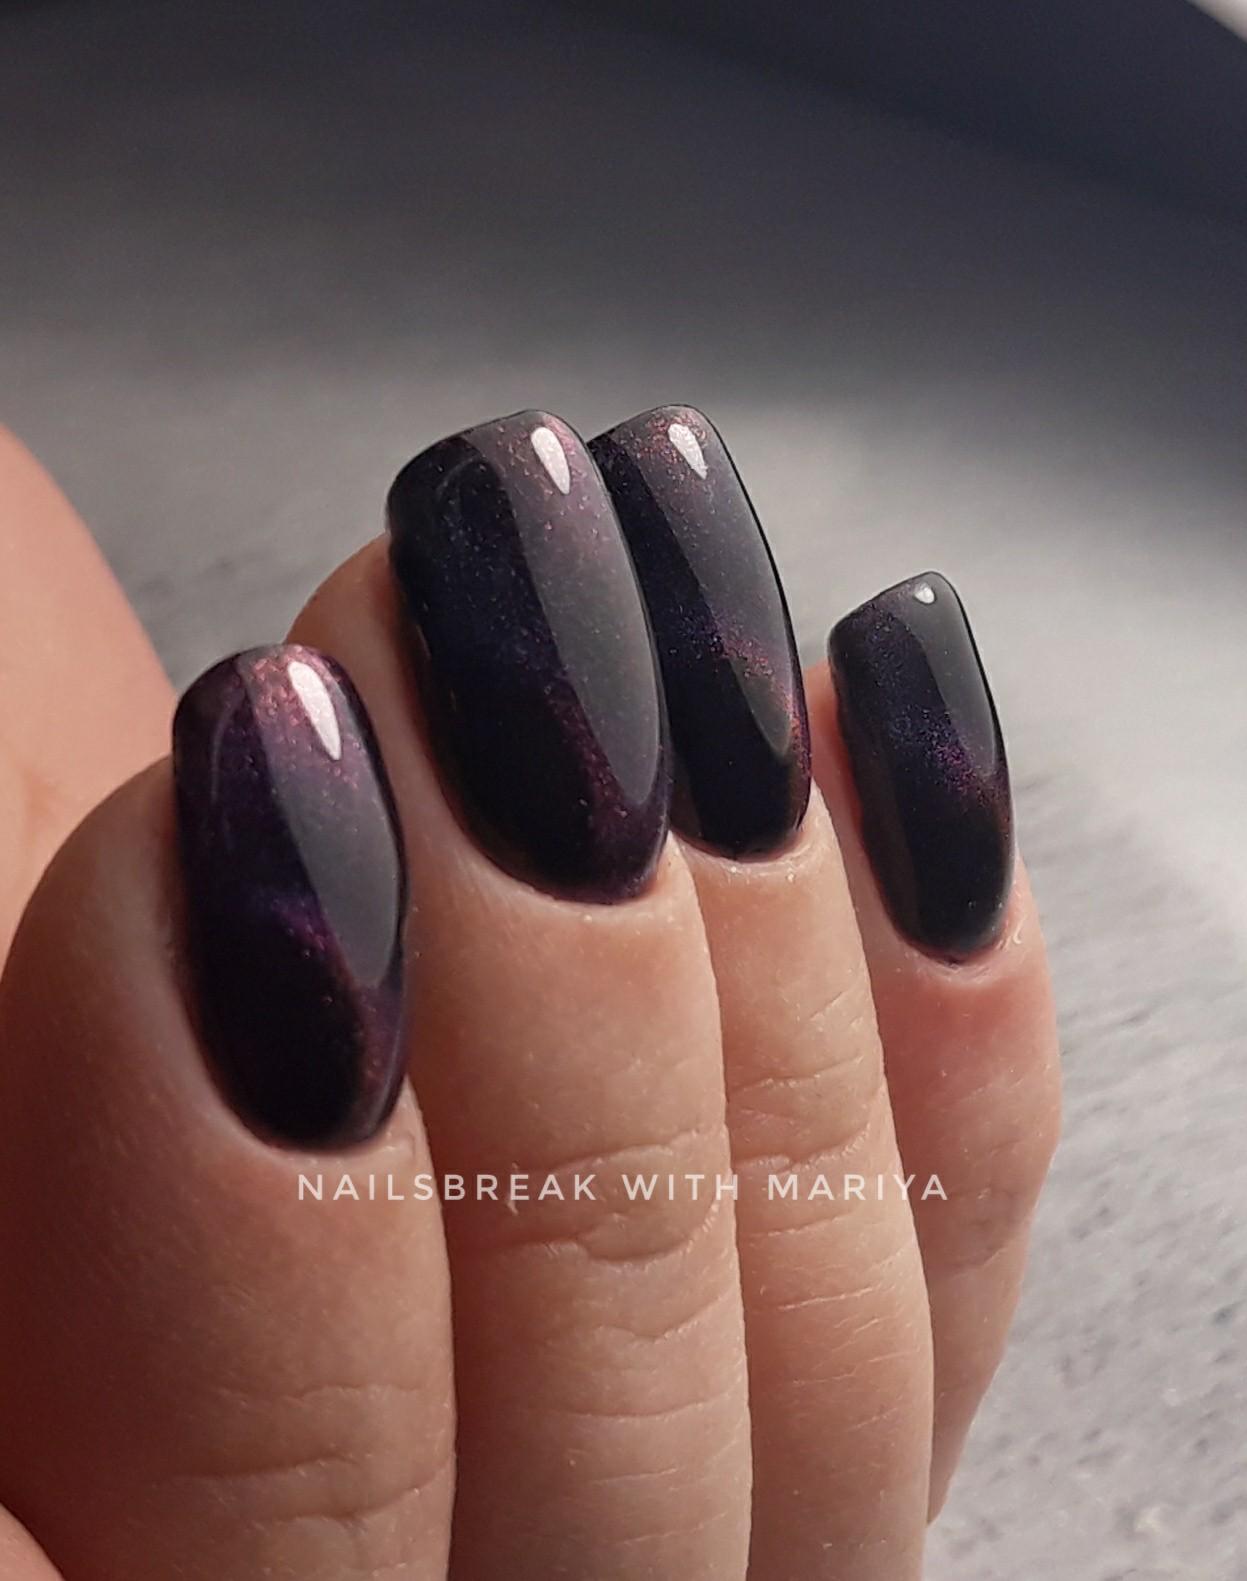 Маникюр в чёрном цвете с фиолетовым эффектом кошачий глаз.